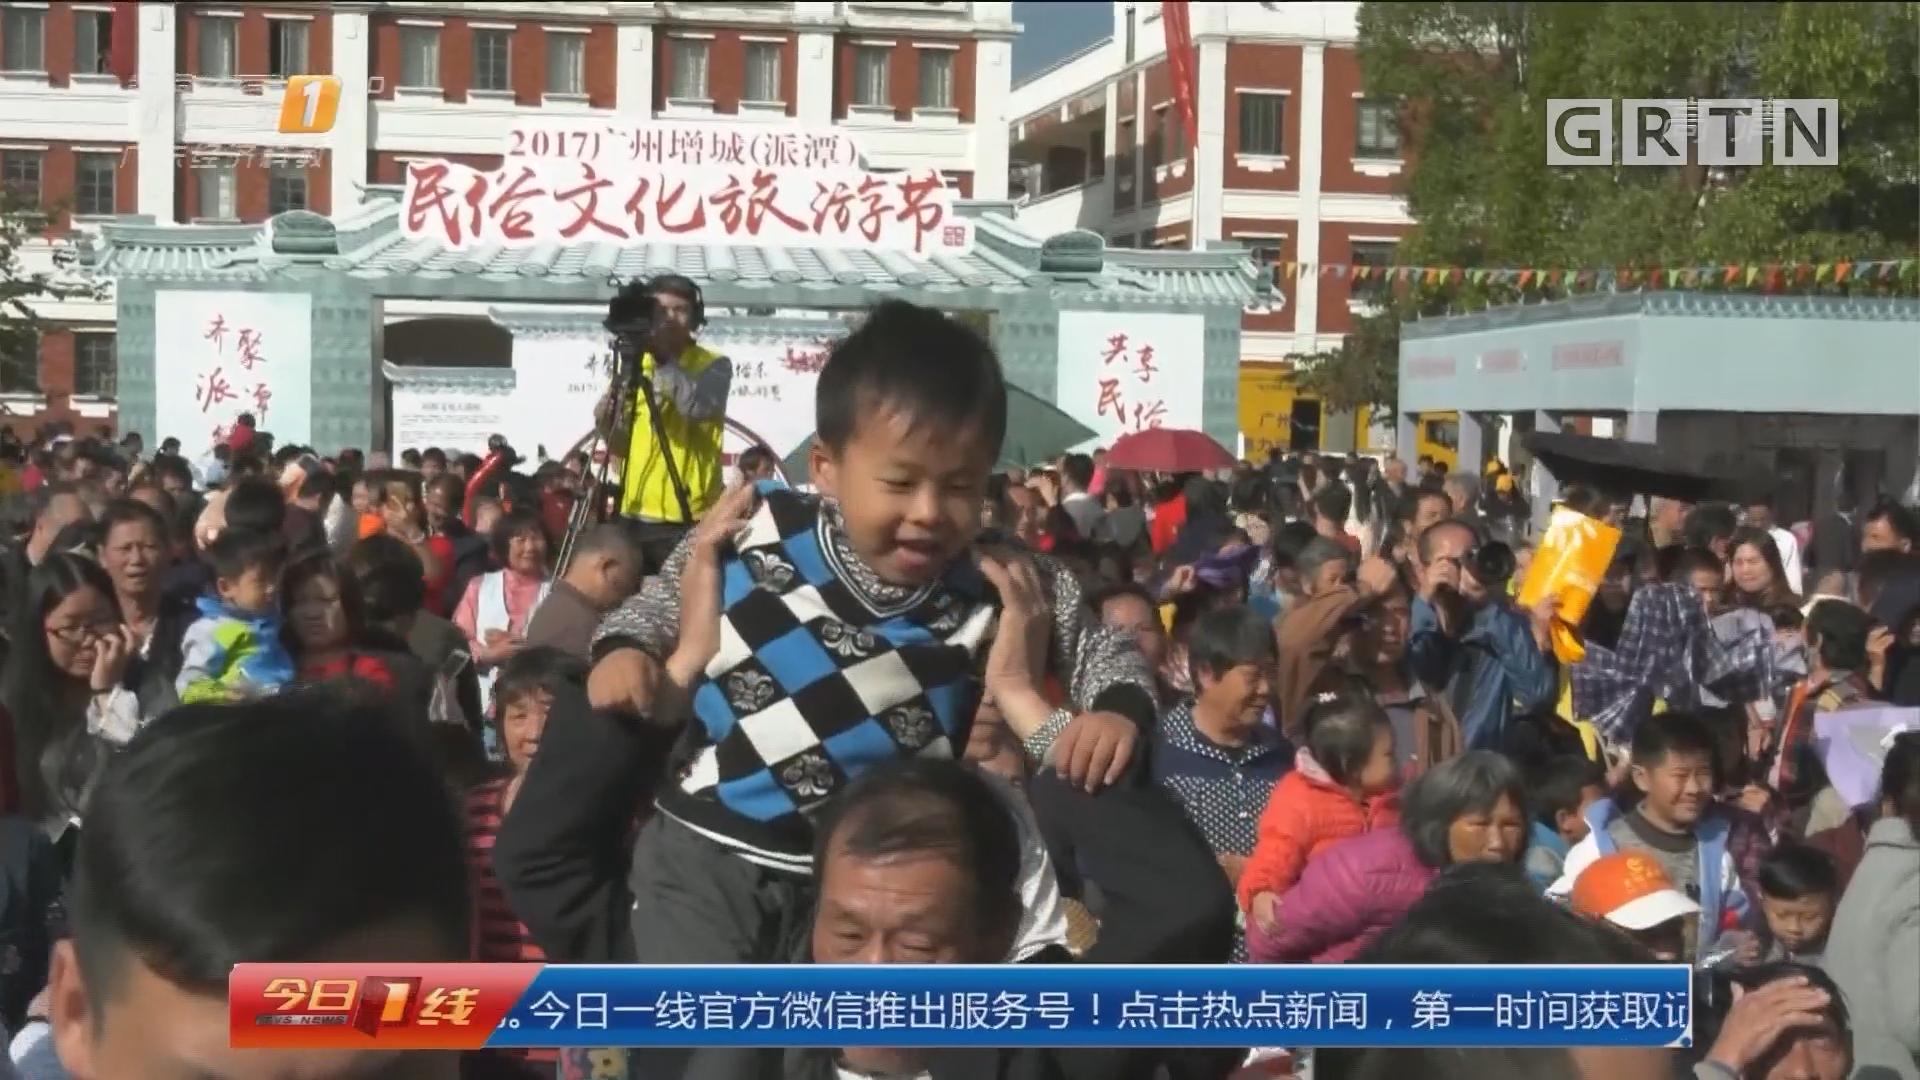 广州增城:派潭镇首届民俗文化旅游节